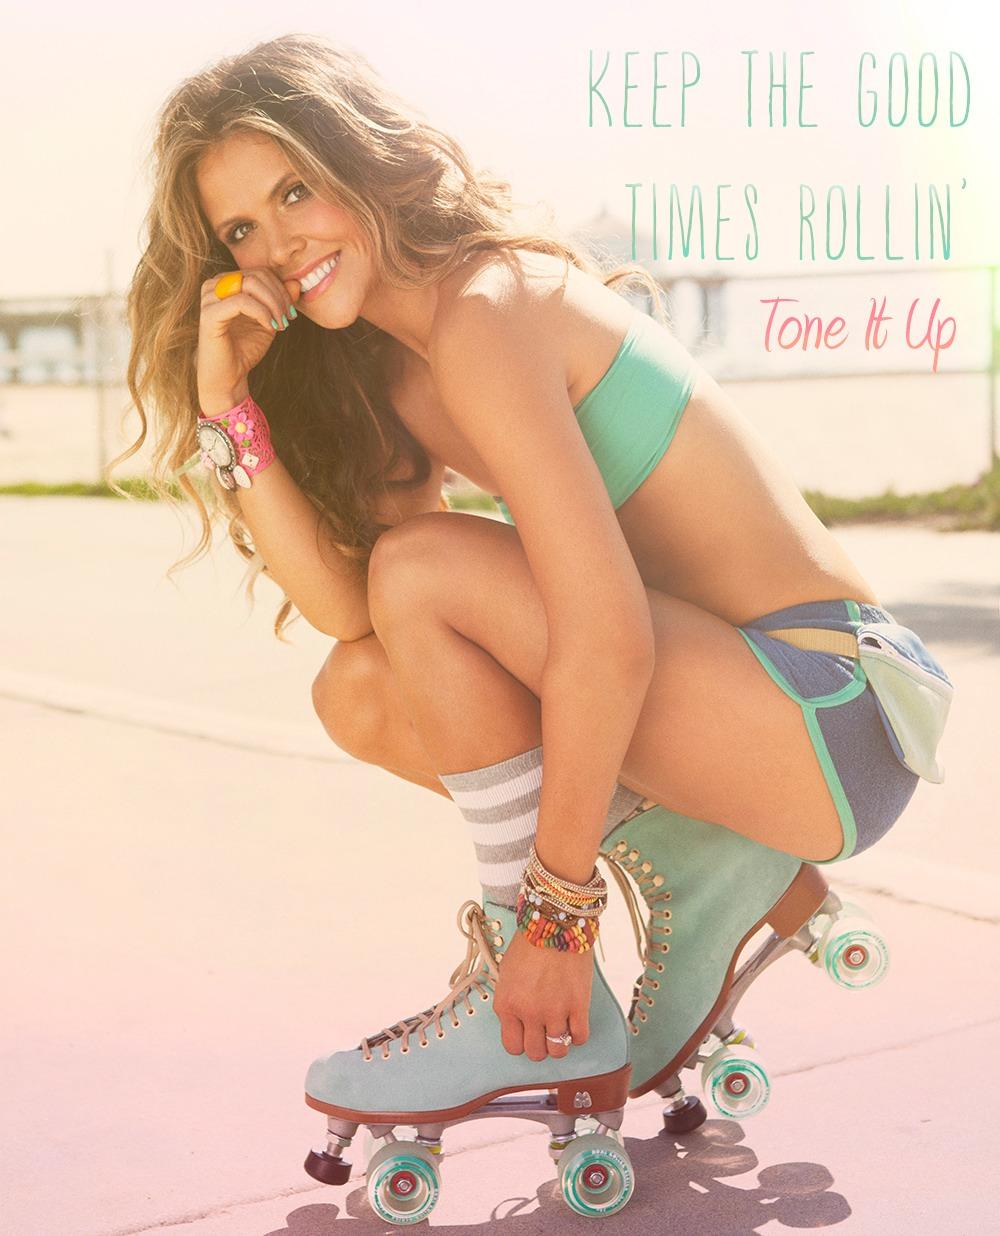 Girl woman roller skates